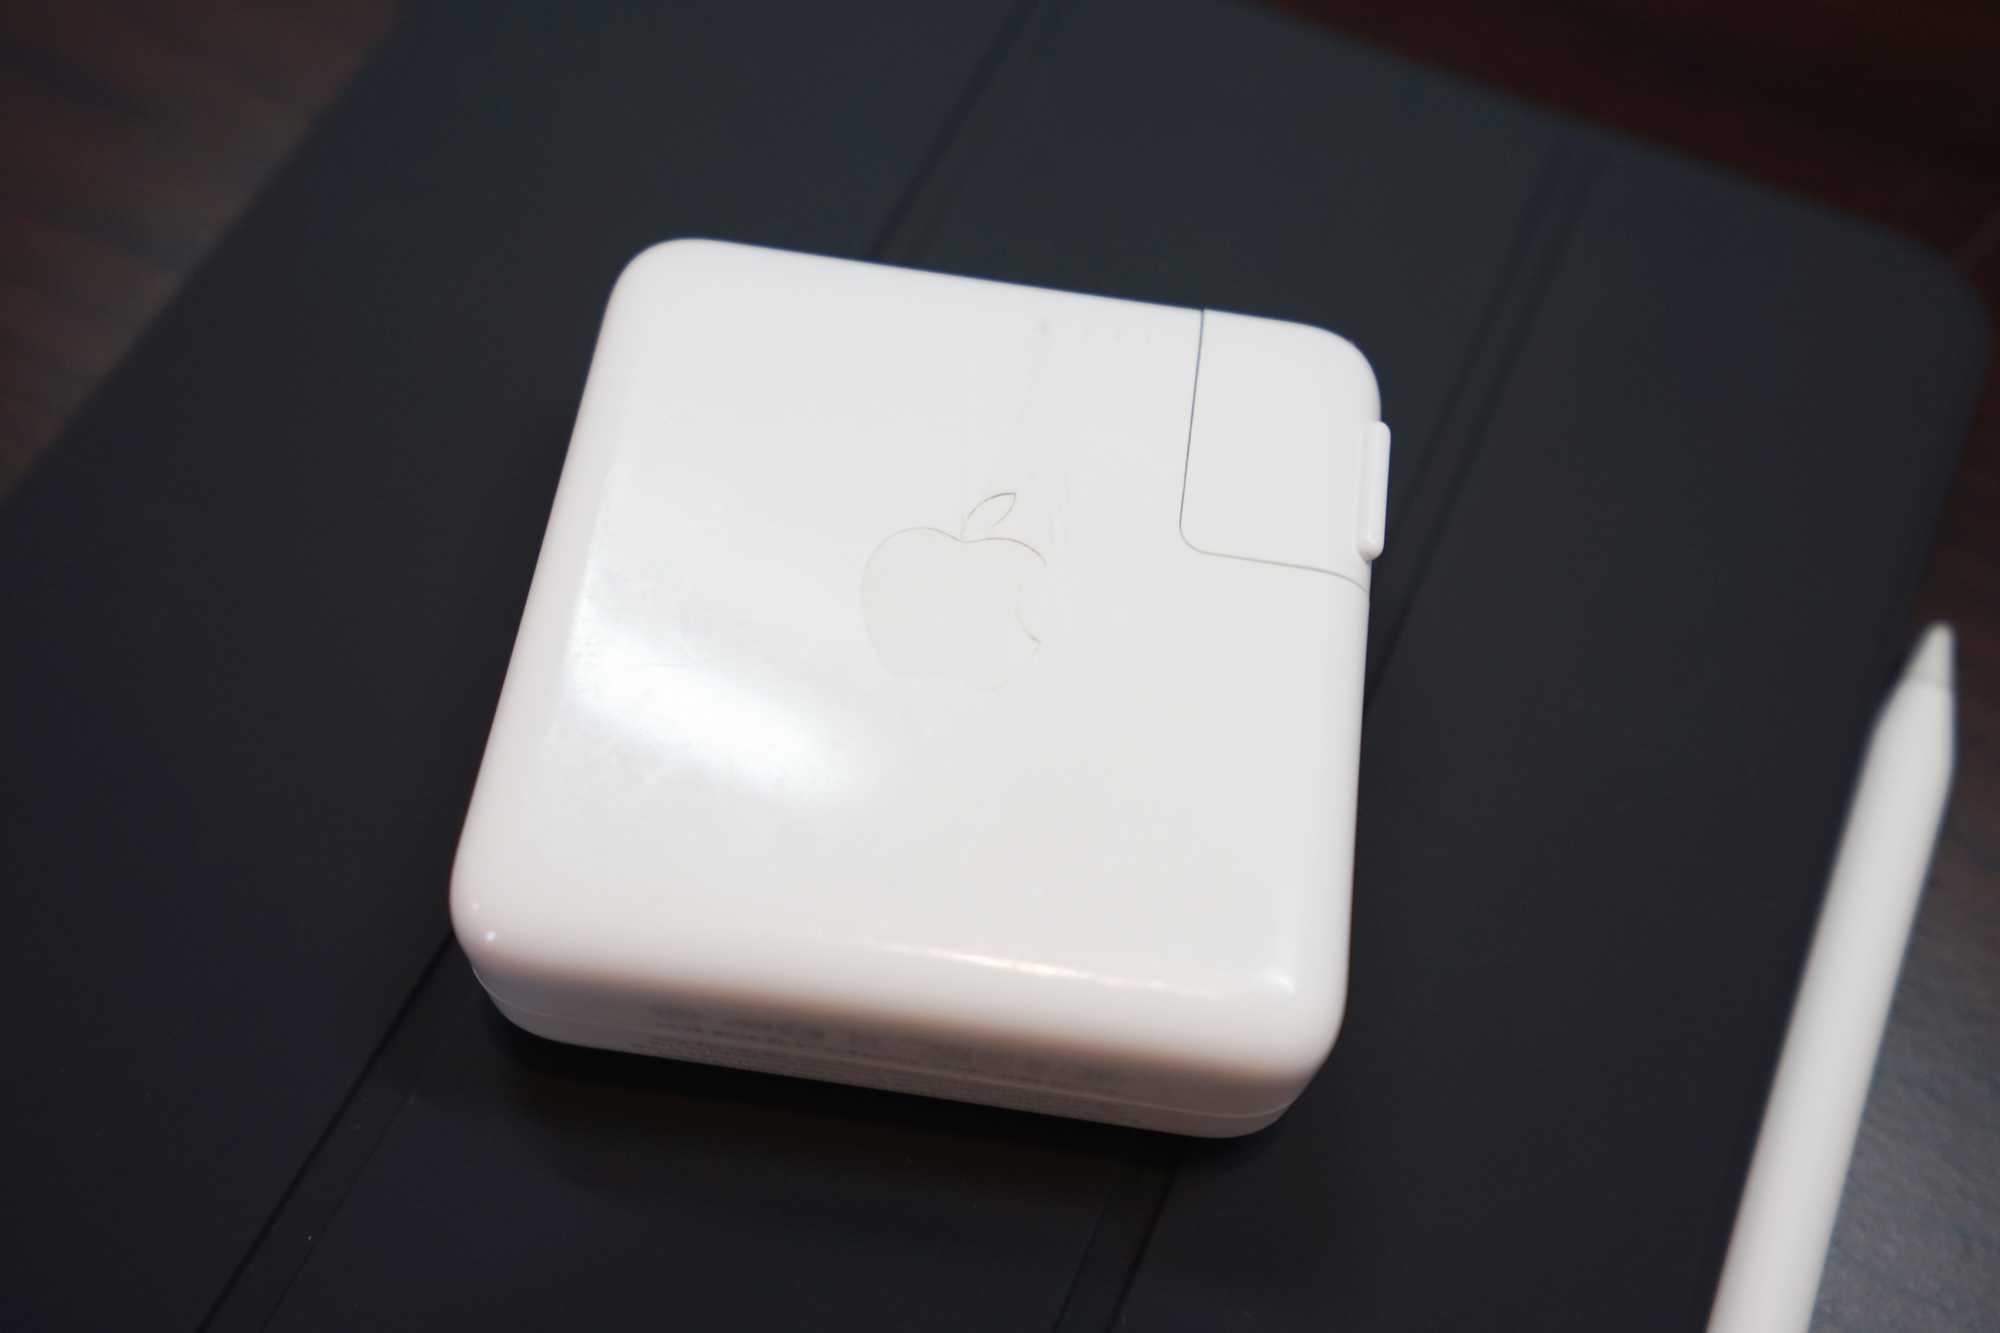 MacBook Pro 13-inch Adapter